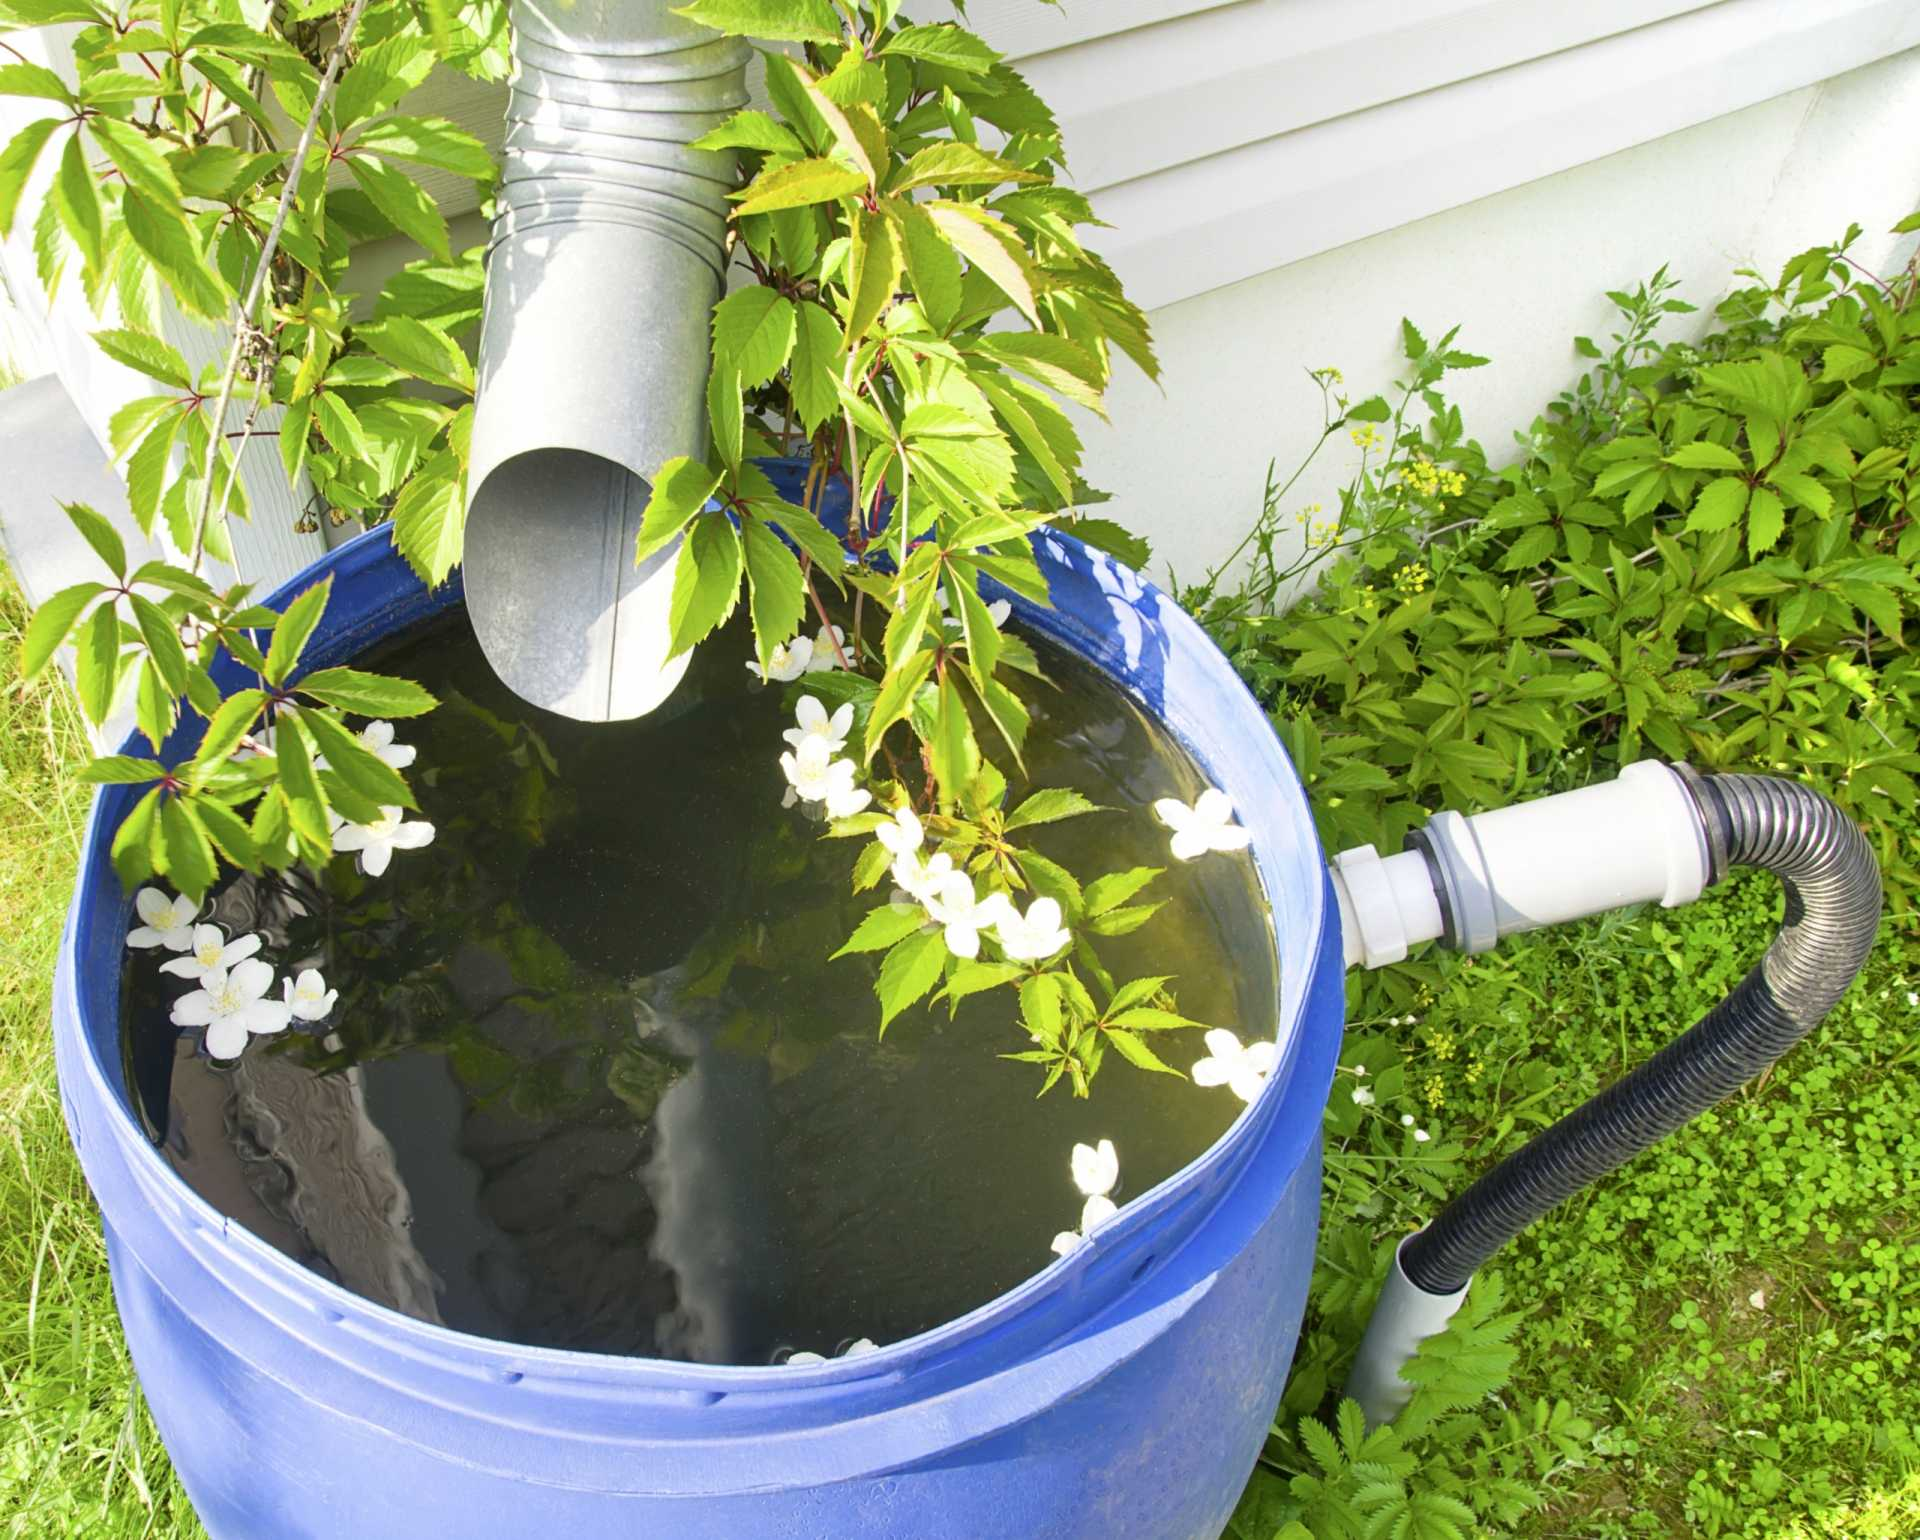 3 Regentonnen für eine  Bewässerung des Gartens mit Regenwasser